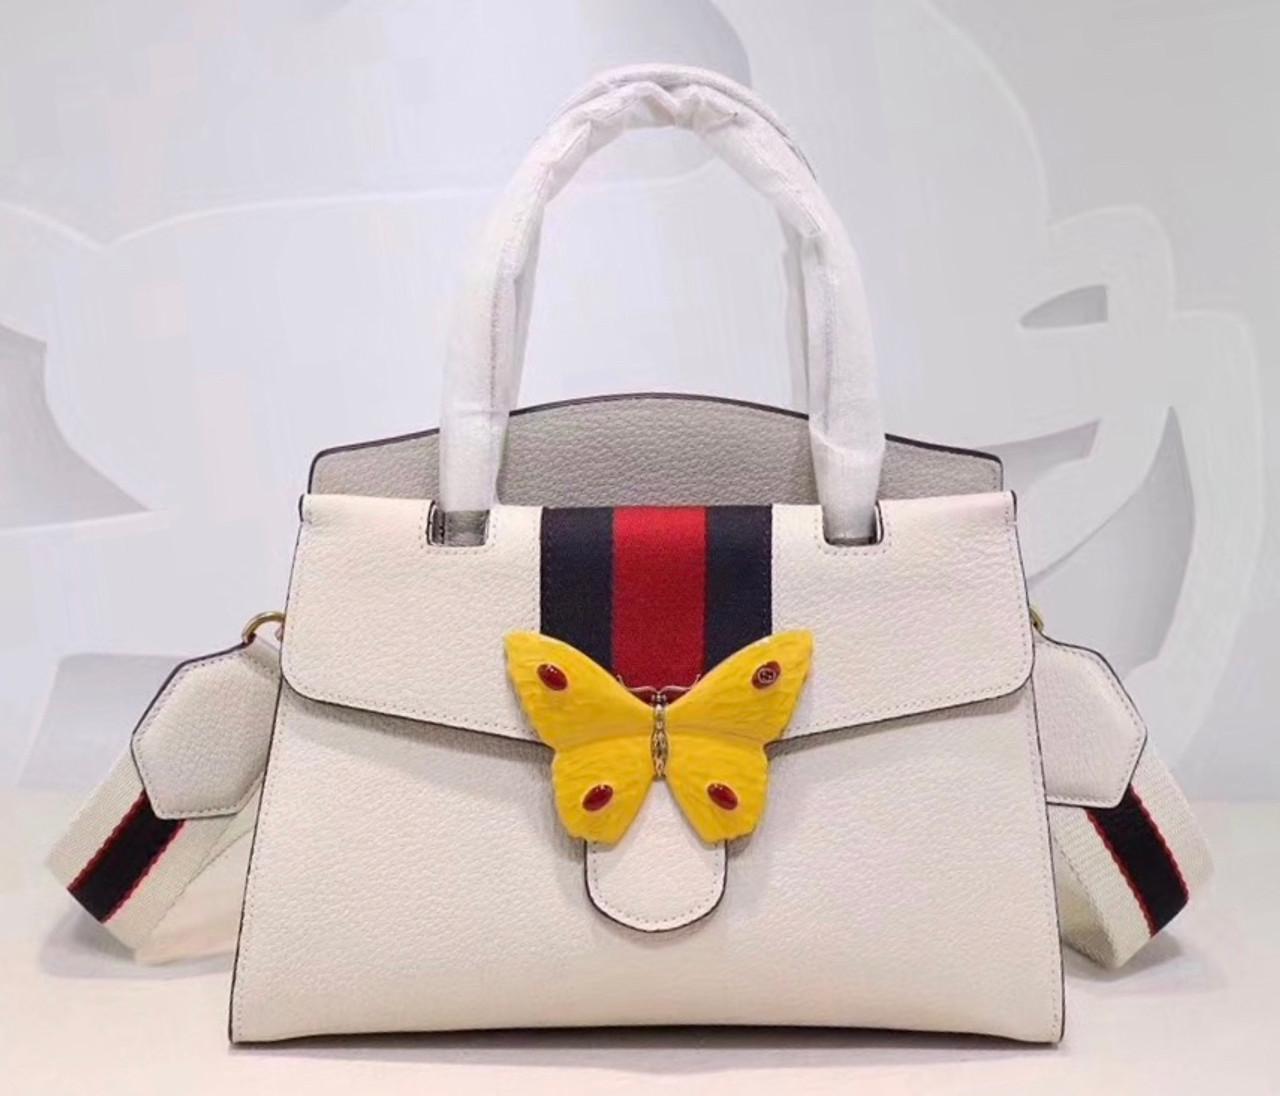 101be1b187a Gucci GucciTotem medium top handle bag - Bella Vita Moda